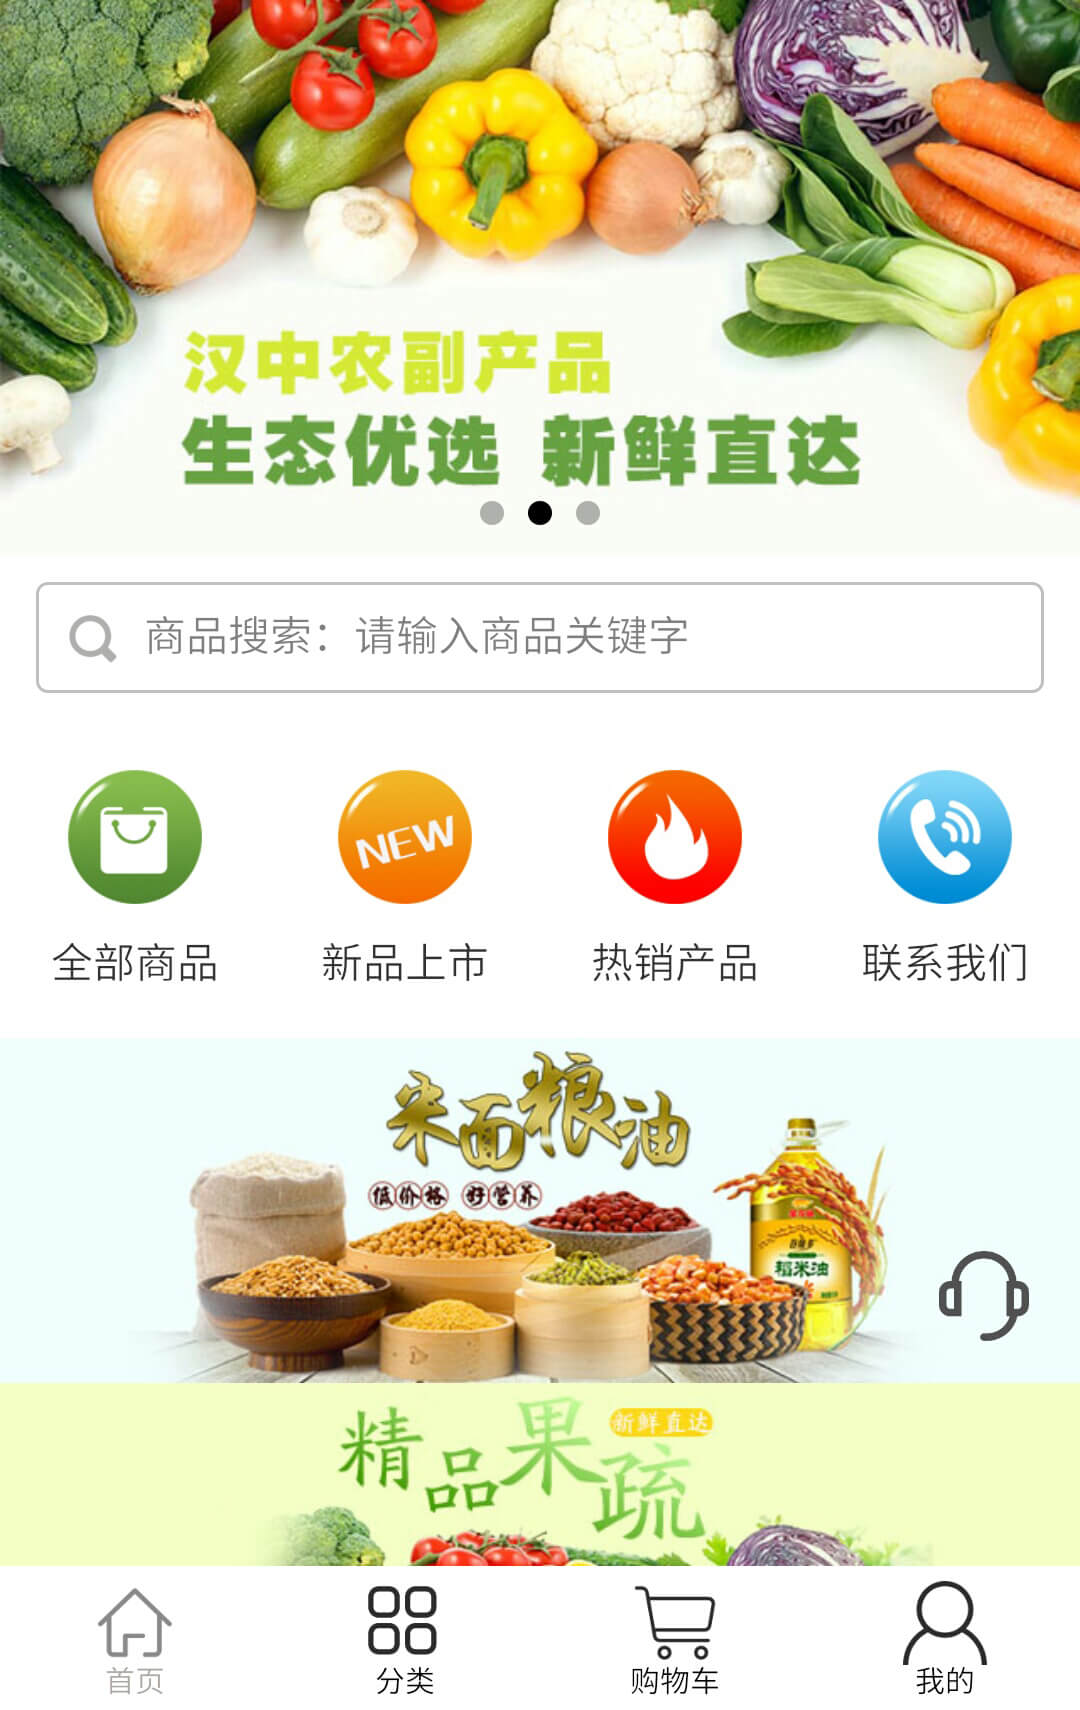 微信农副产品批发小程序